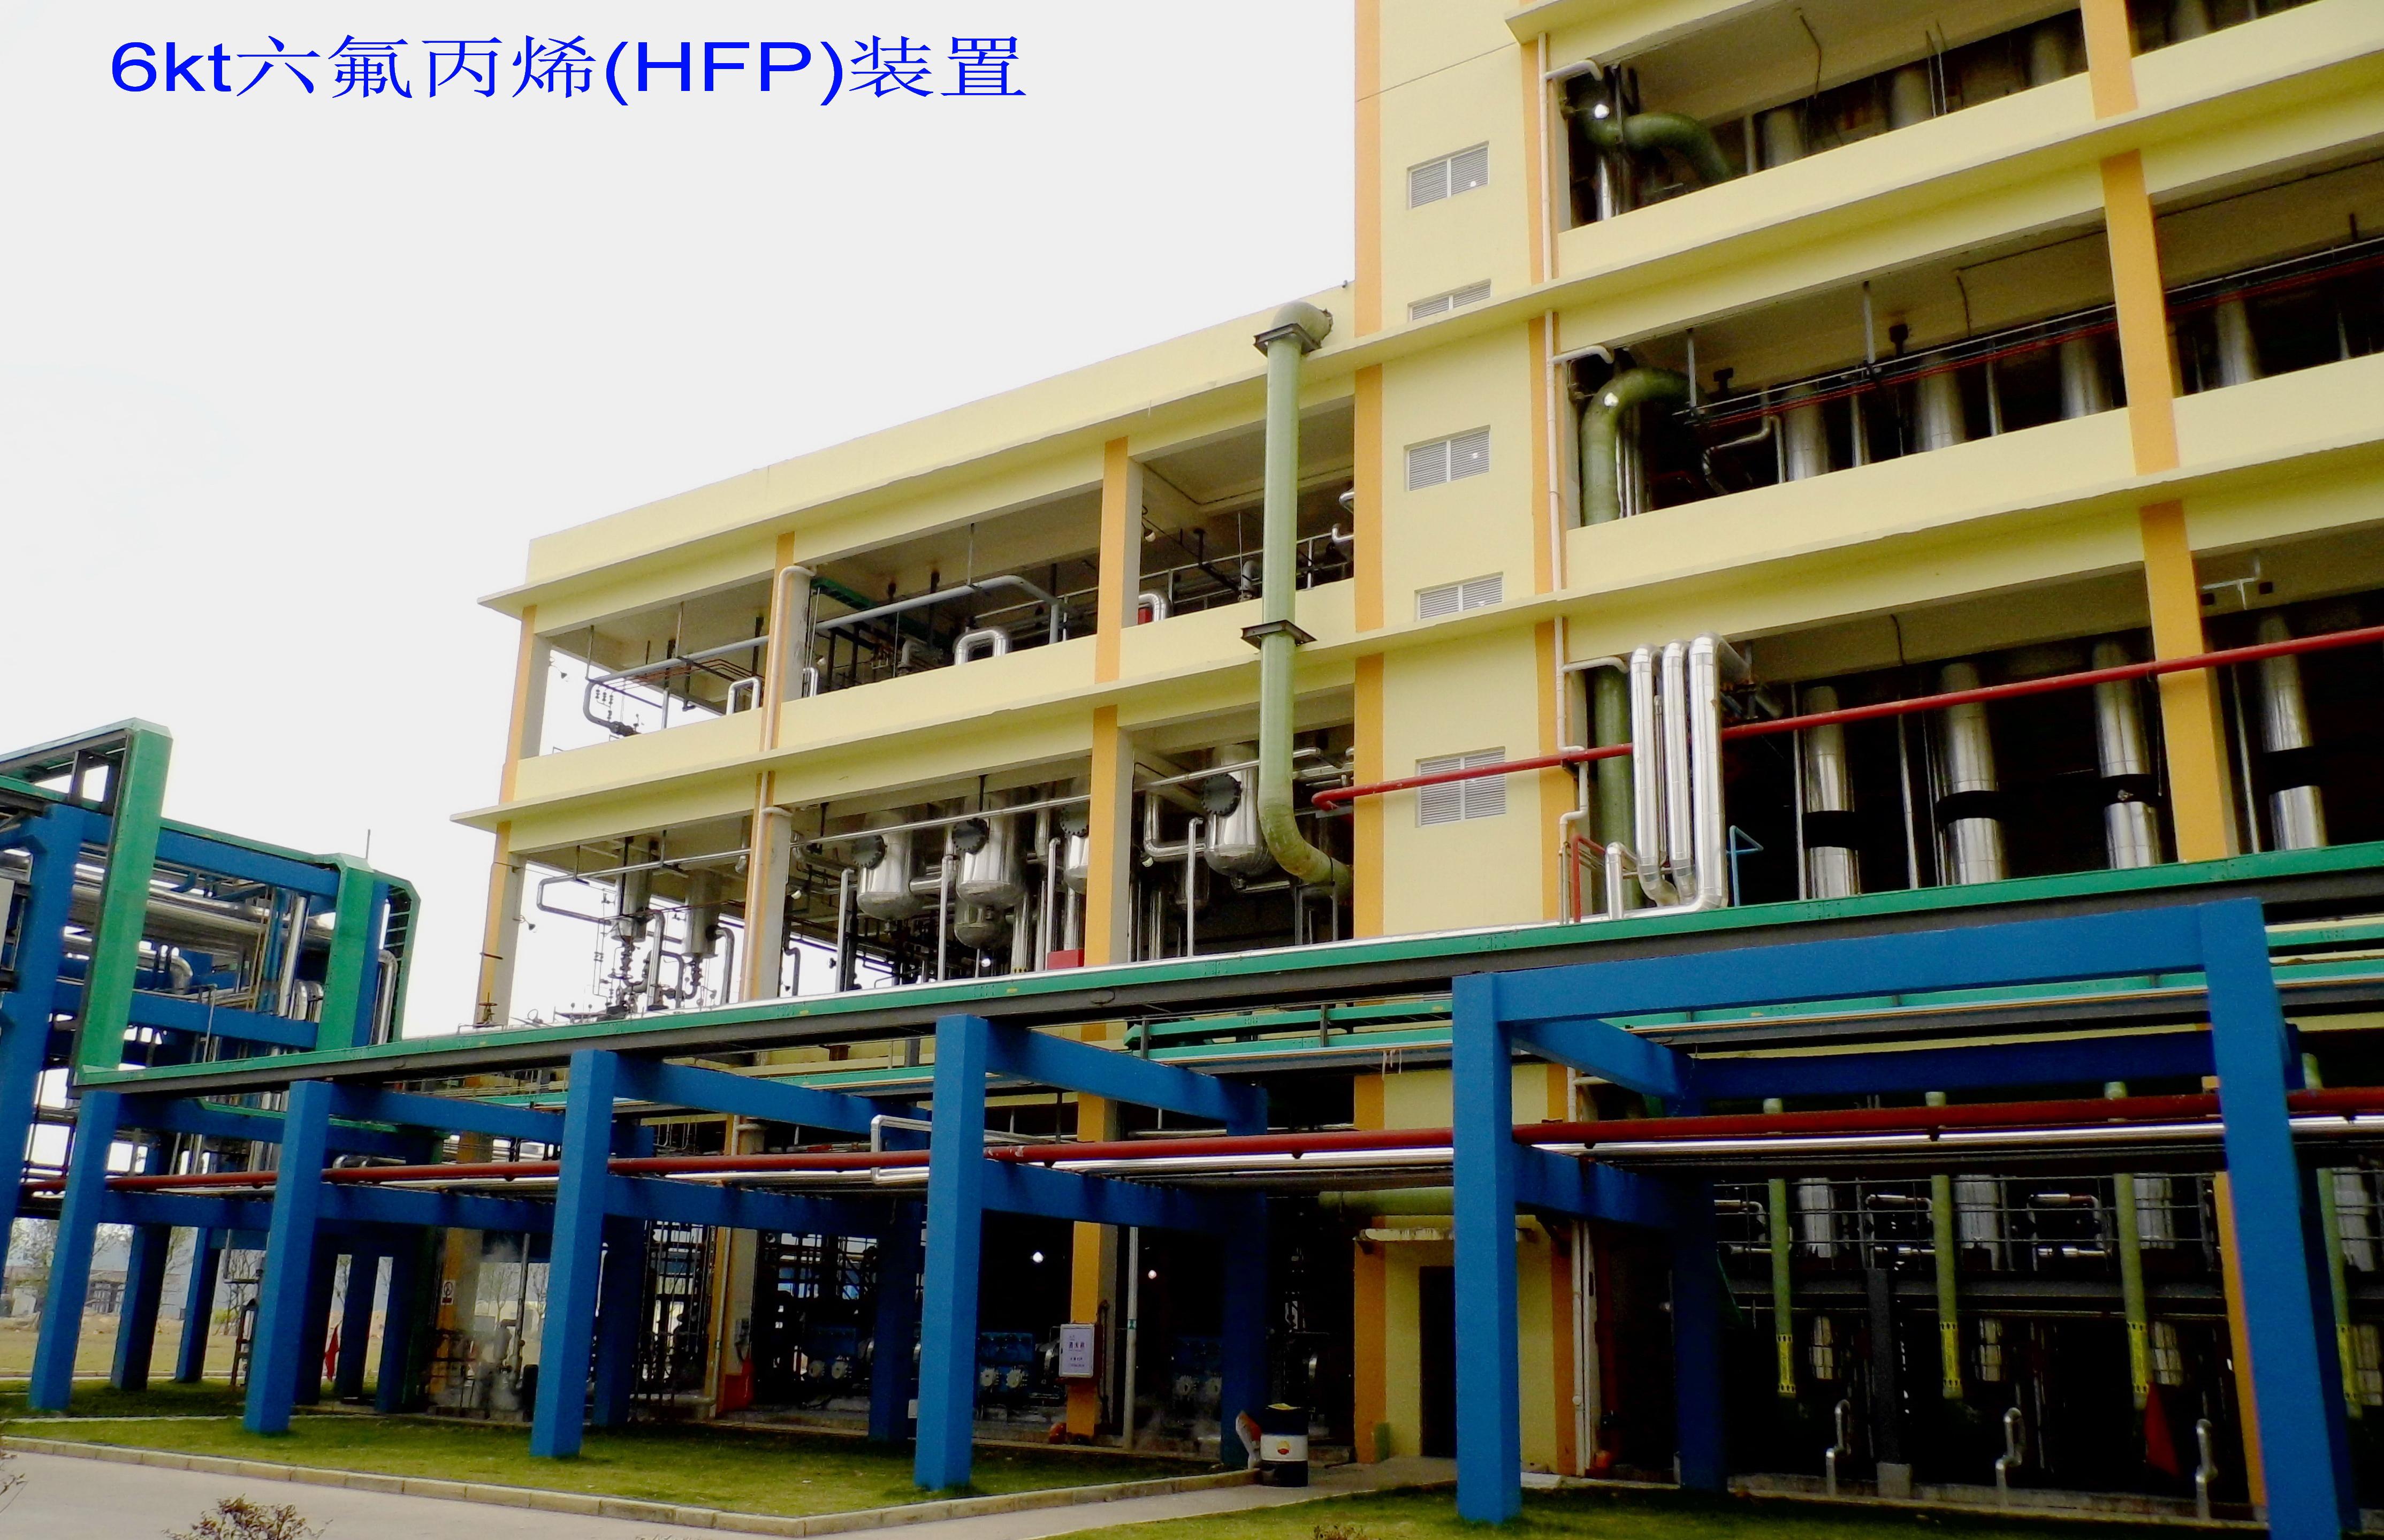 6kt六氟丙烯-HFP装置